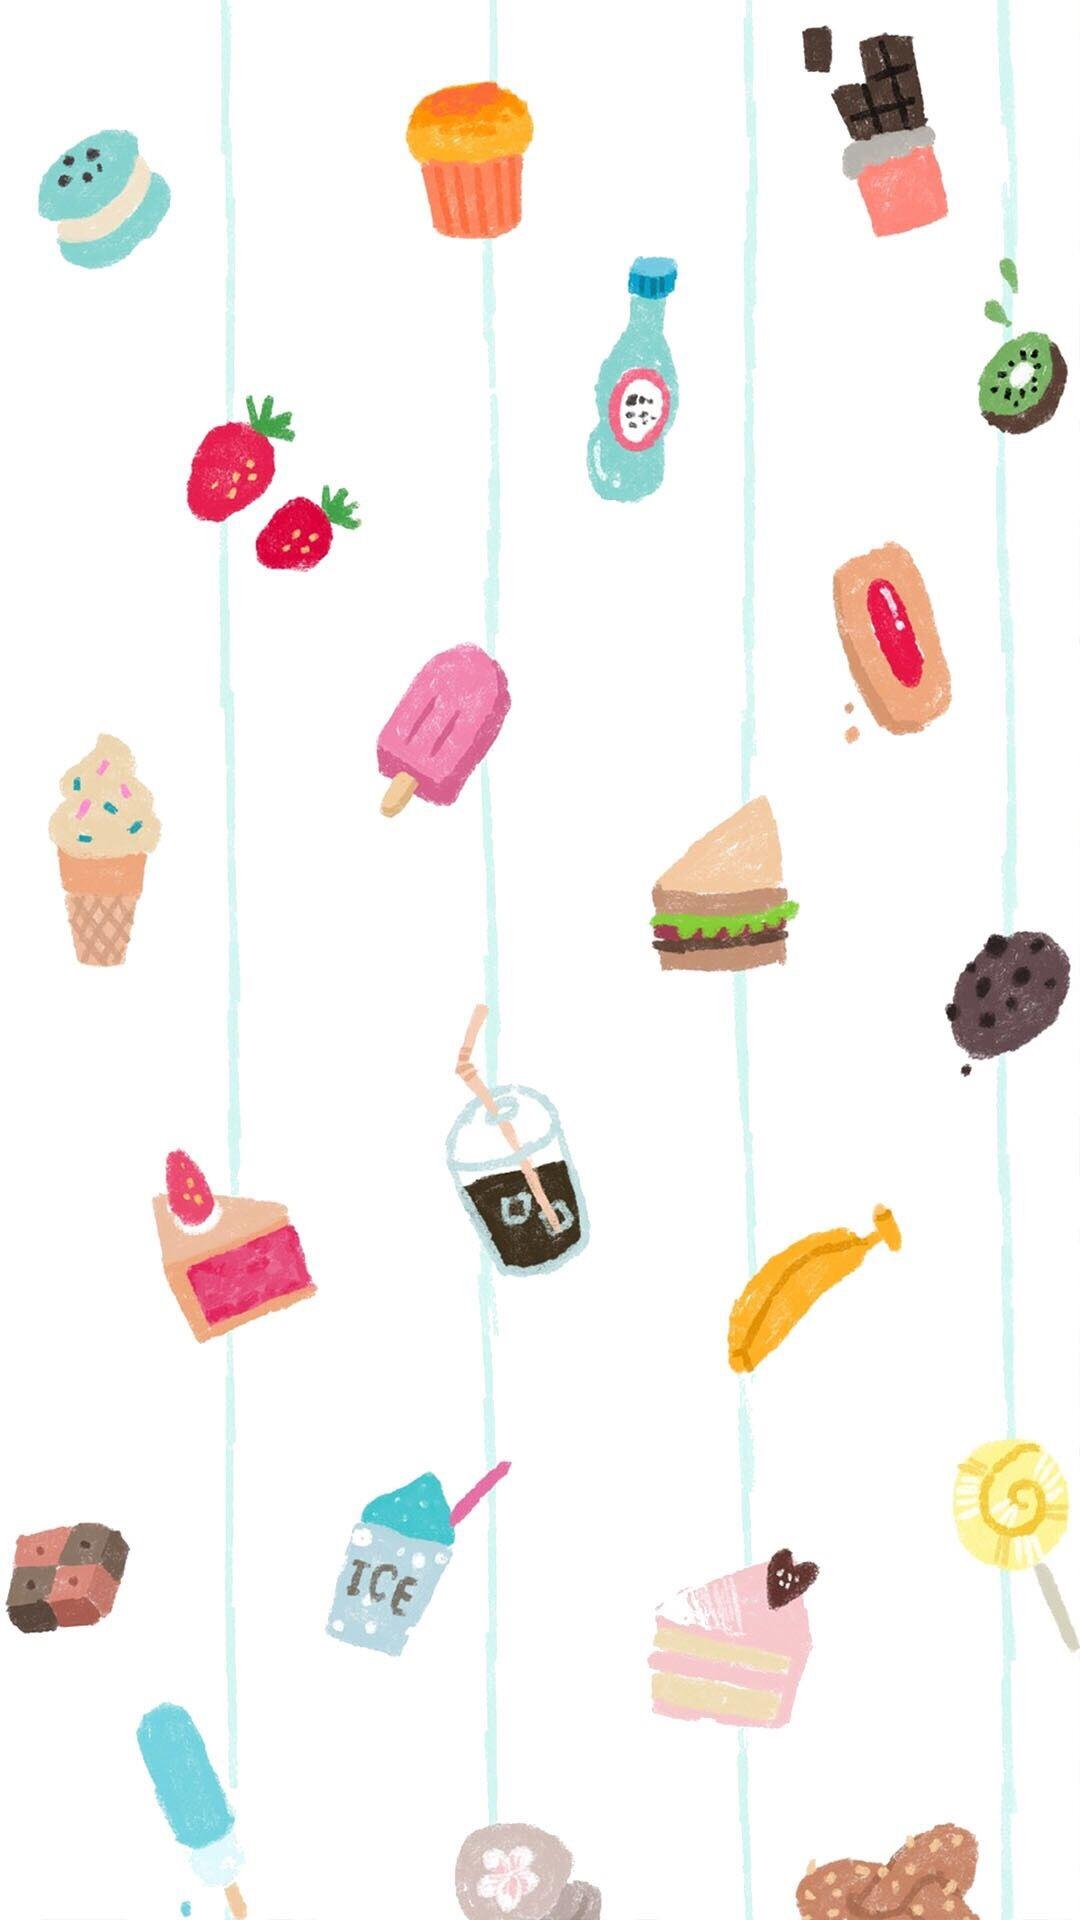 平铺创意手绘 各类甜品饮品